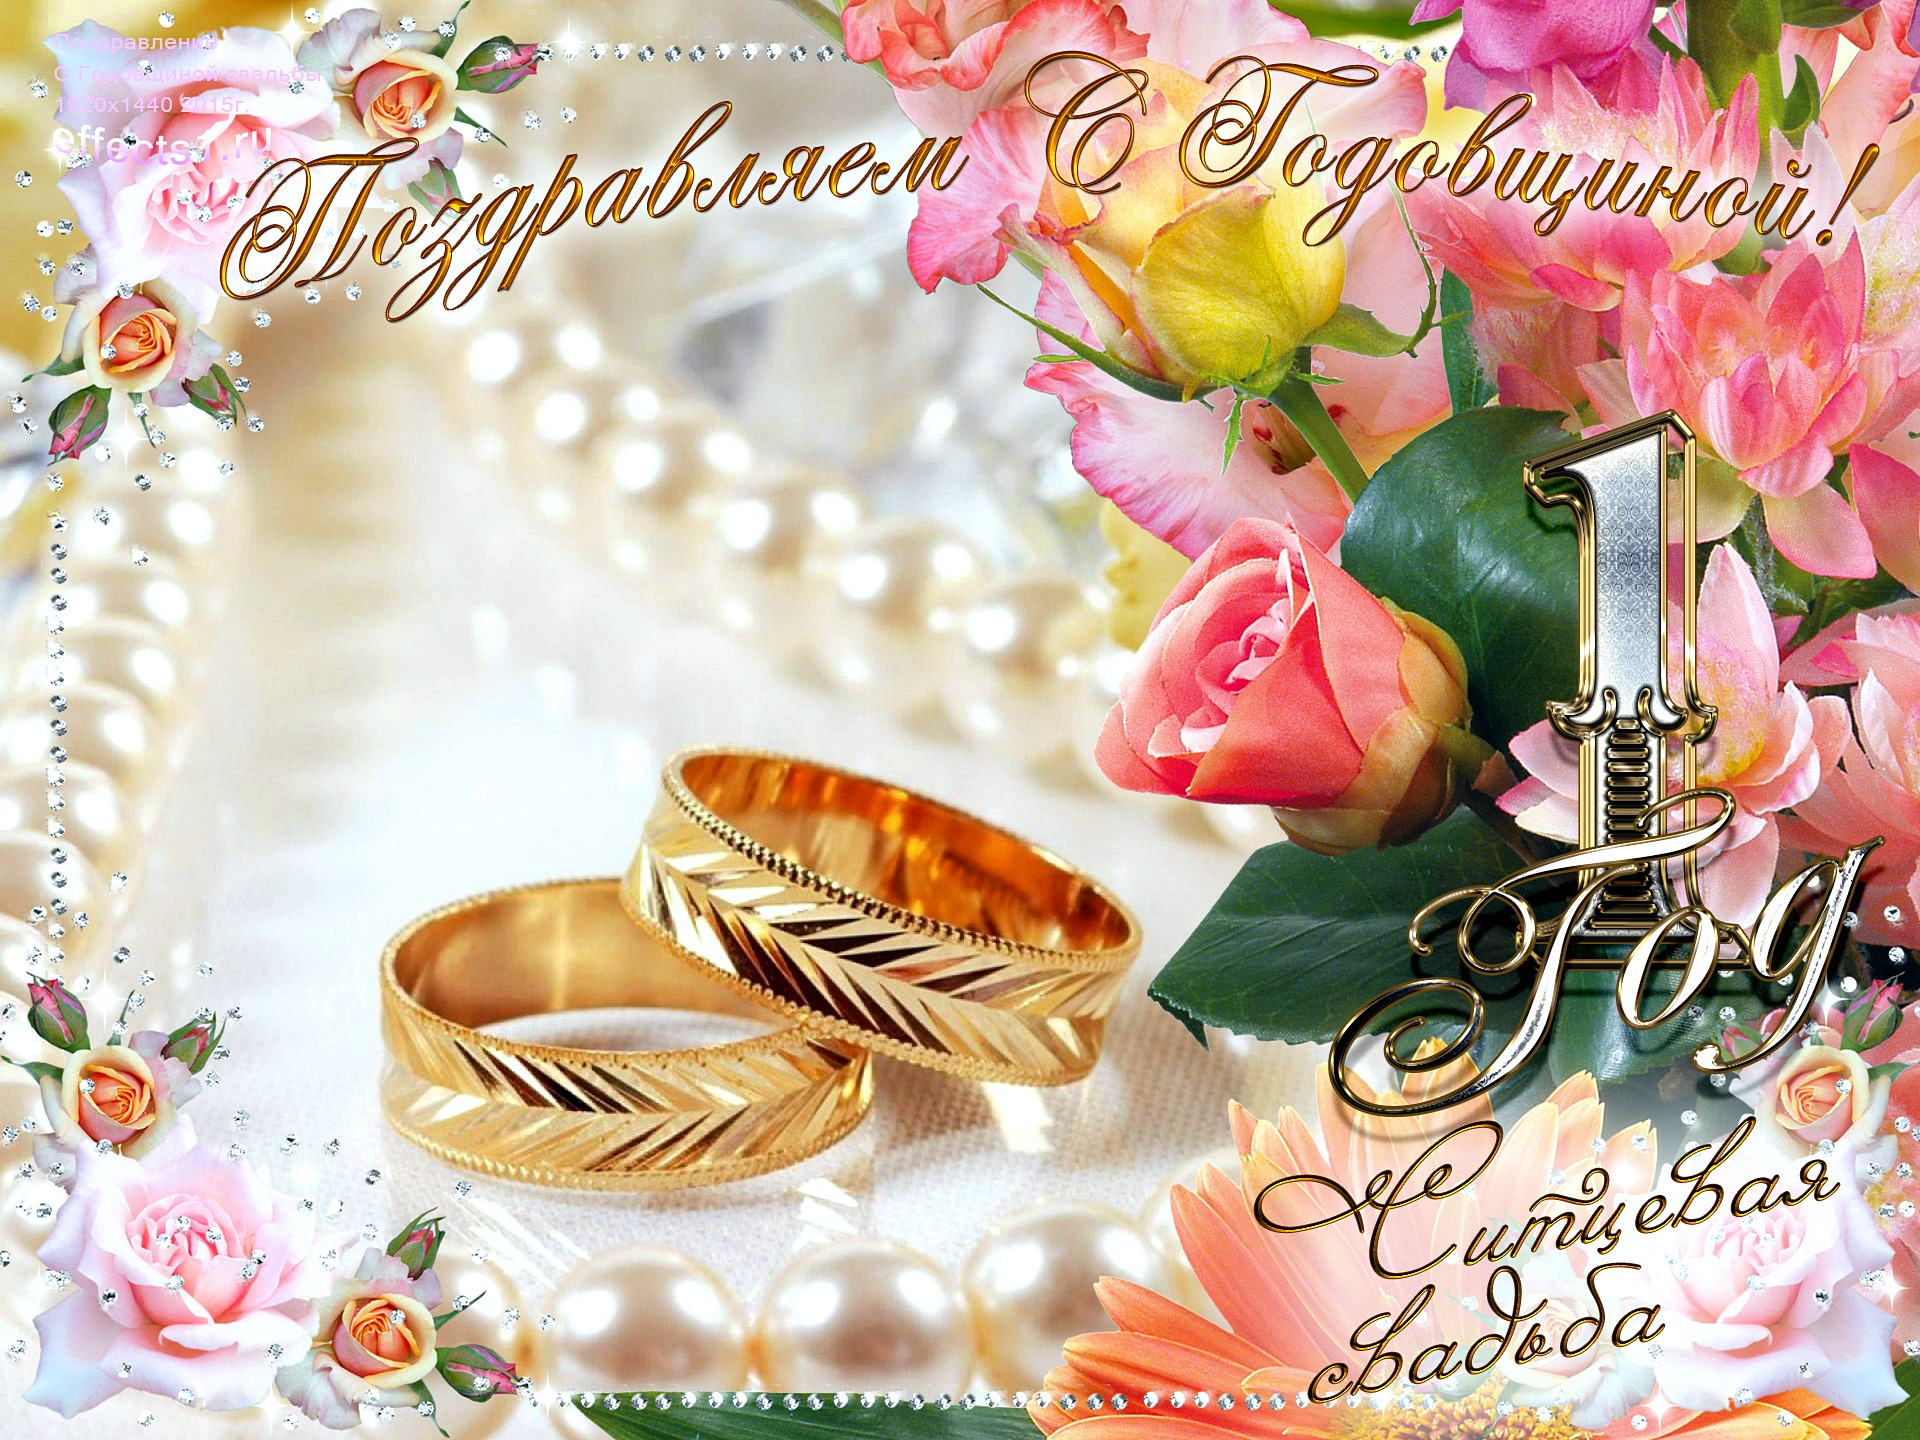 Прикольное поздравление с ситцевой свадьбой друзьям